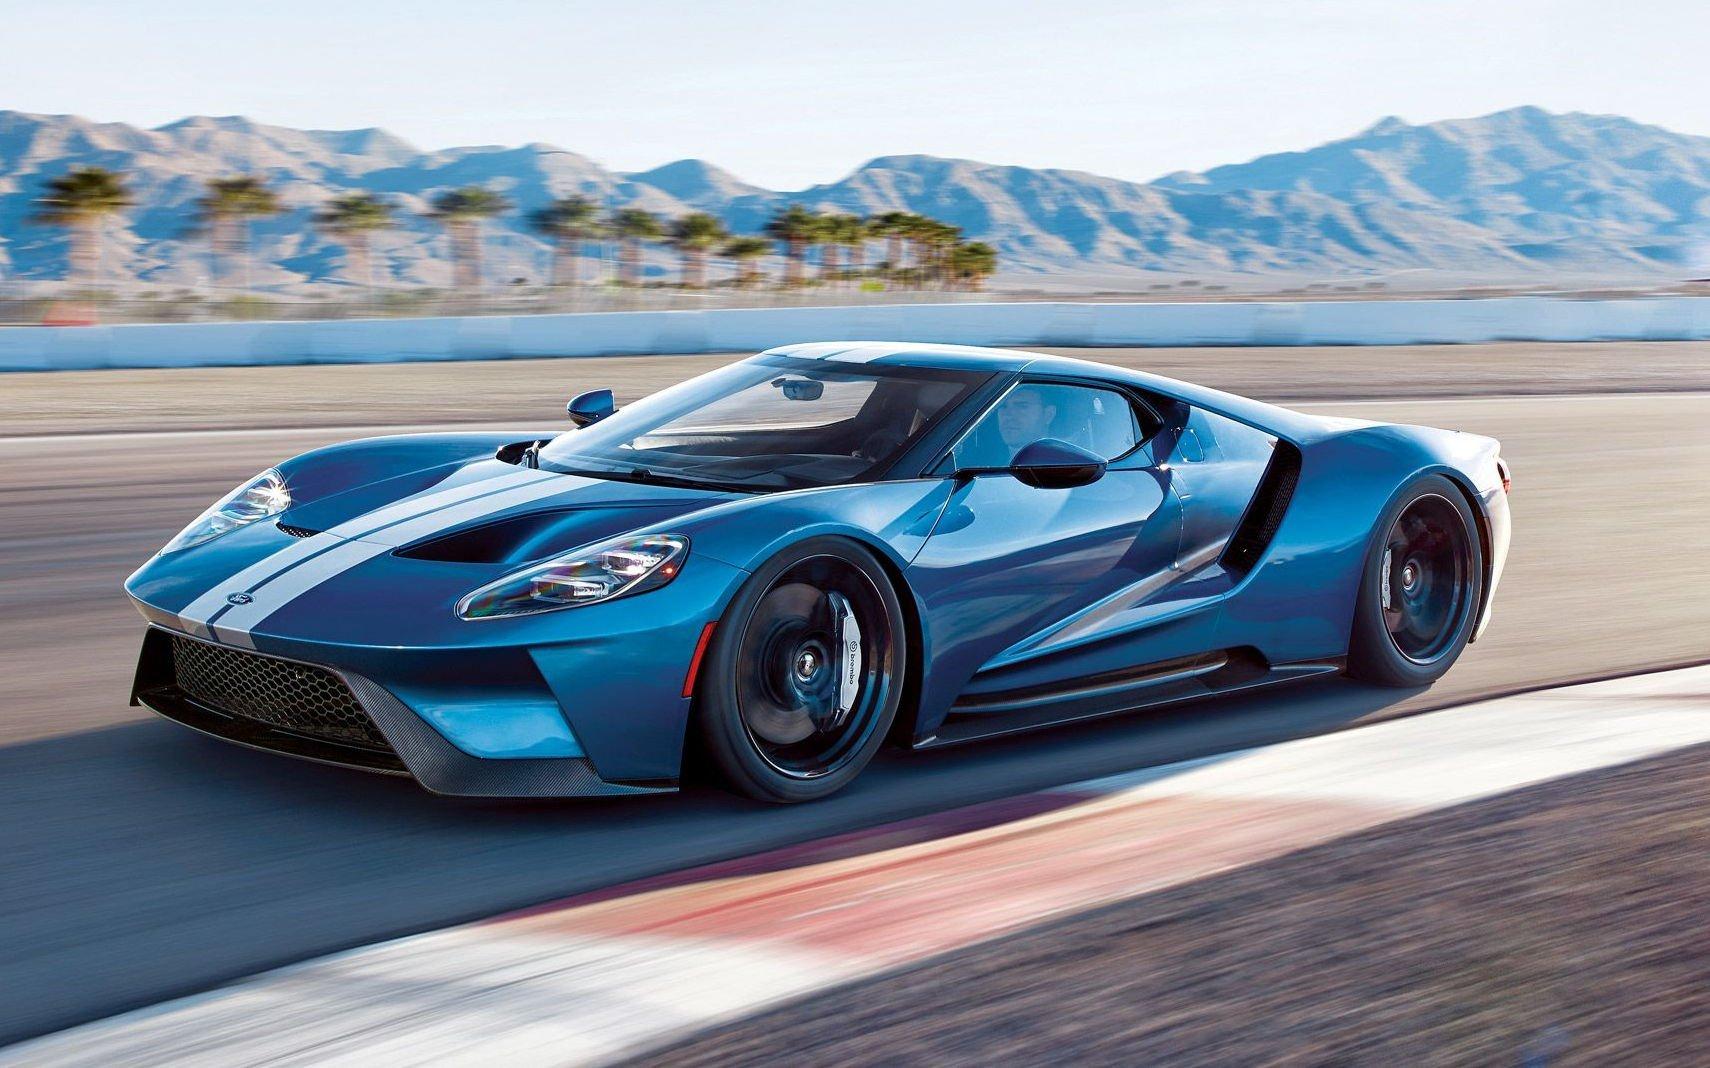 Назвали лучшие машины для экстремального вождения